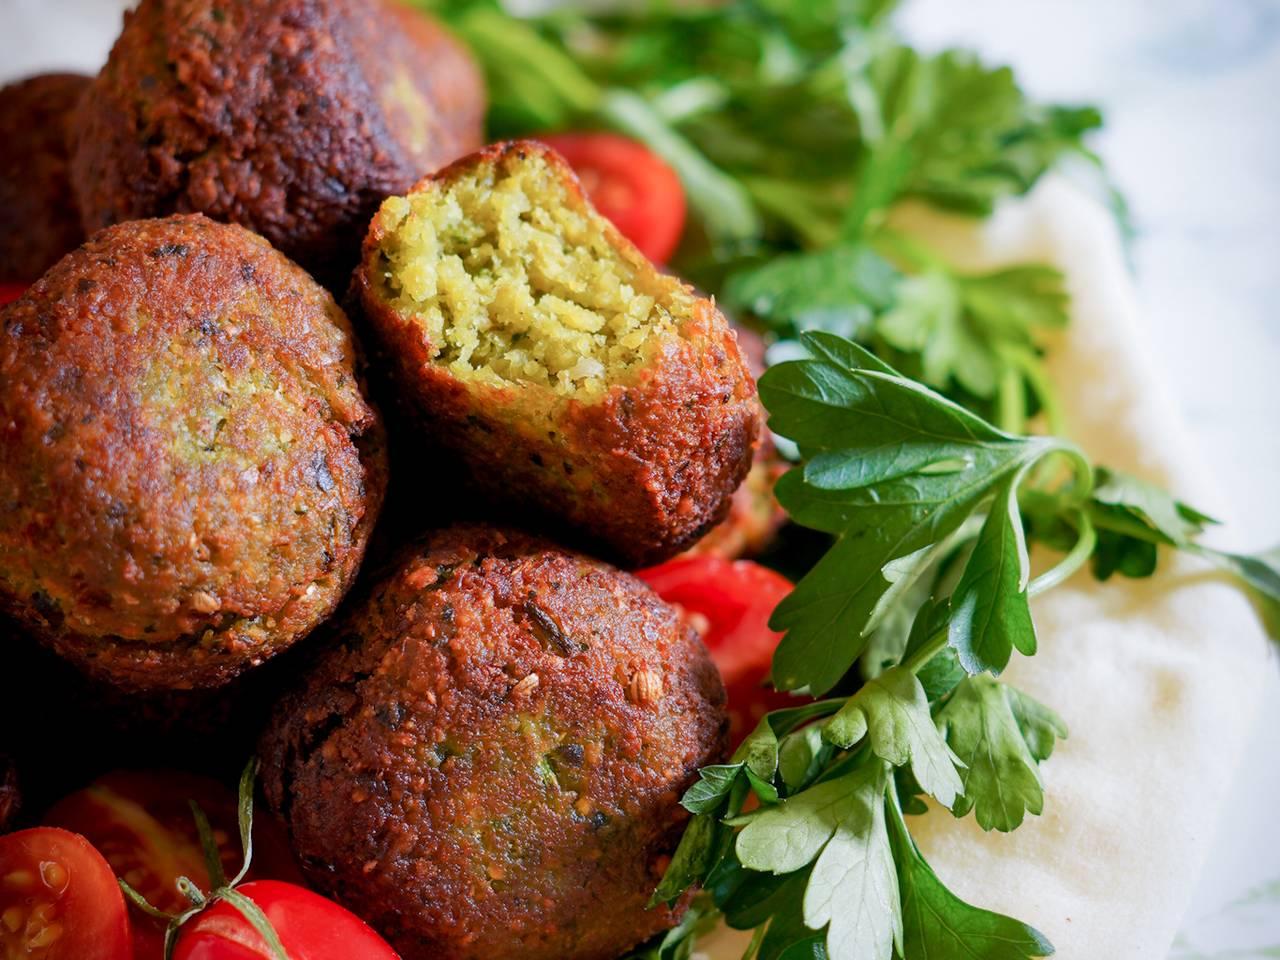 Easy Home-made Falafel Recipe